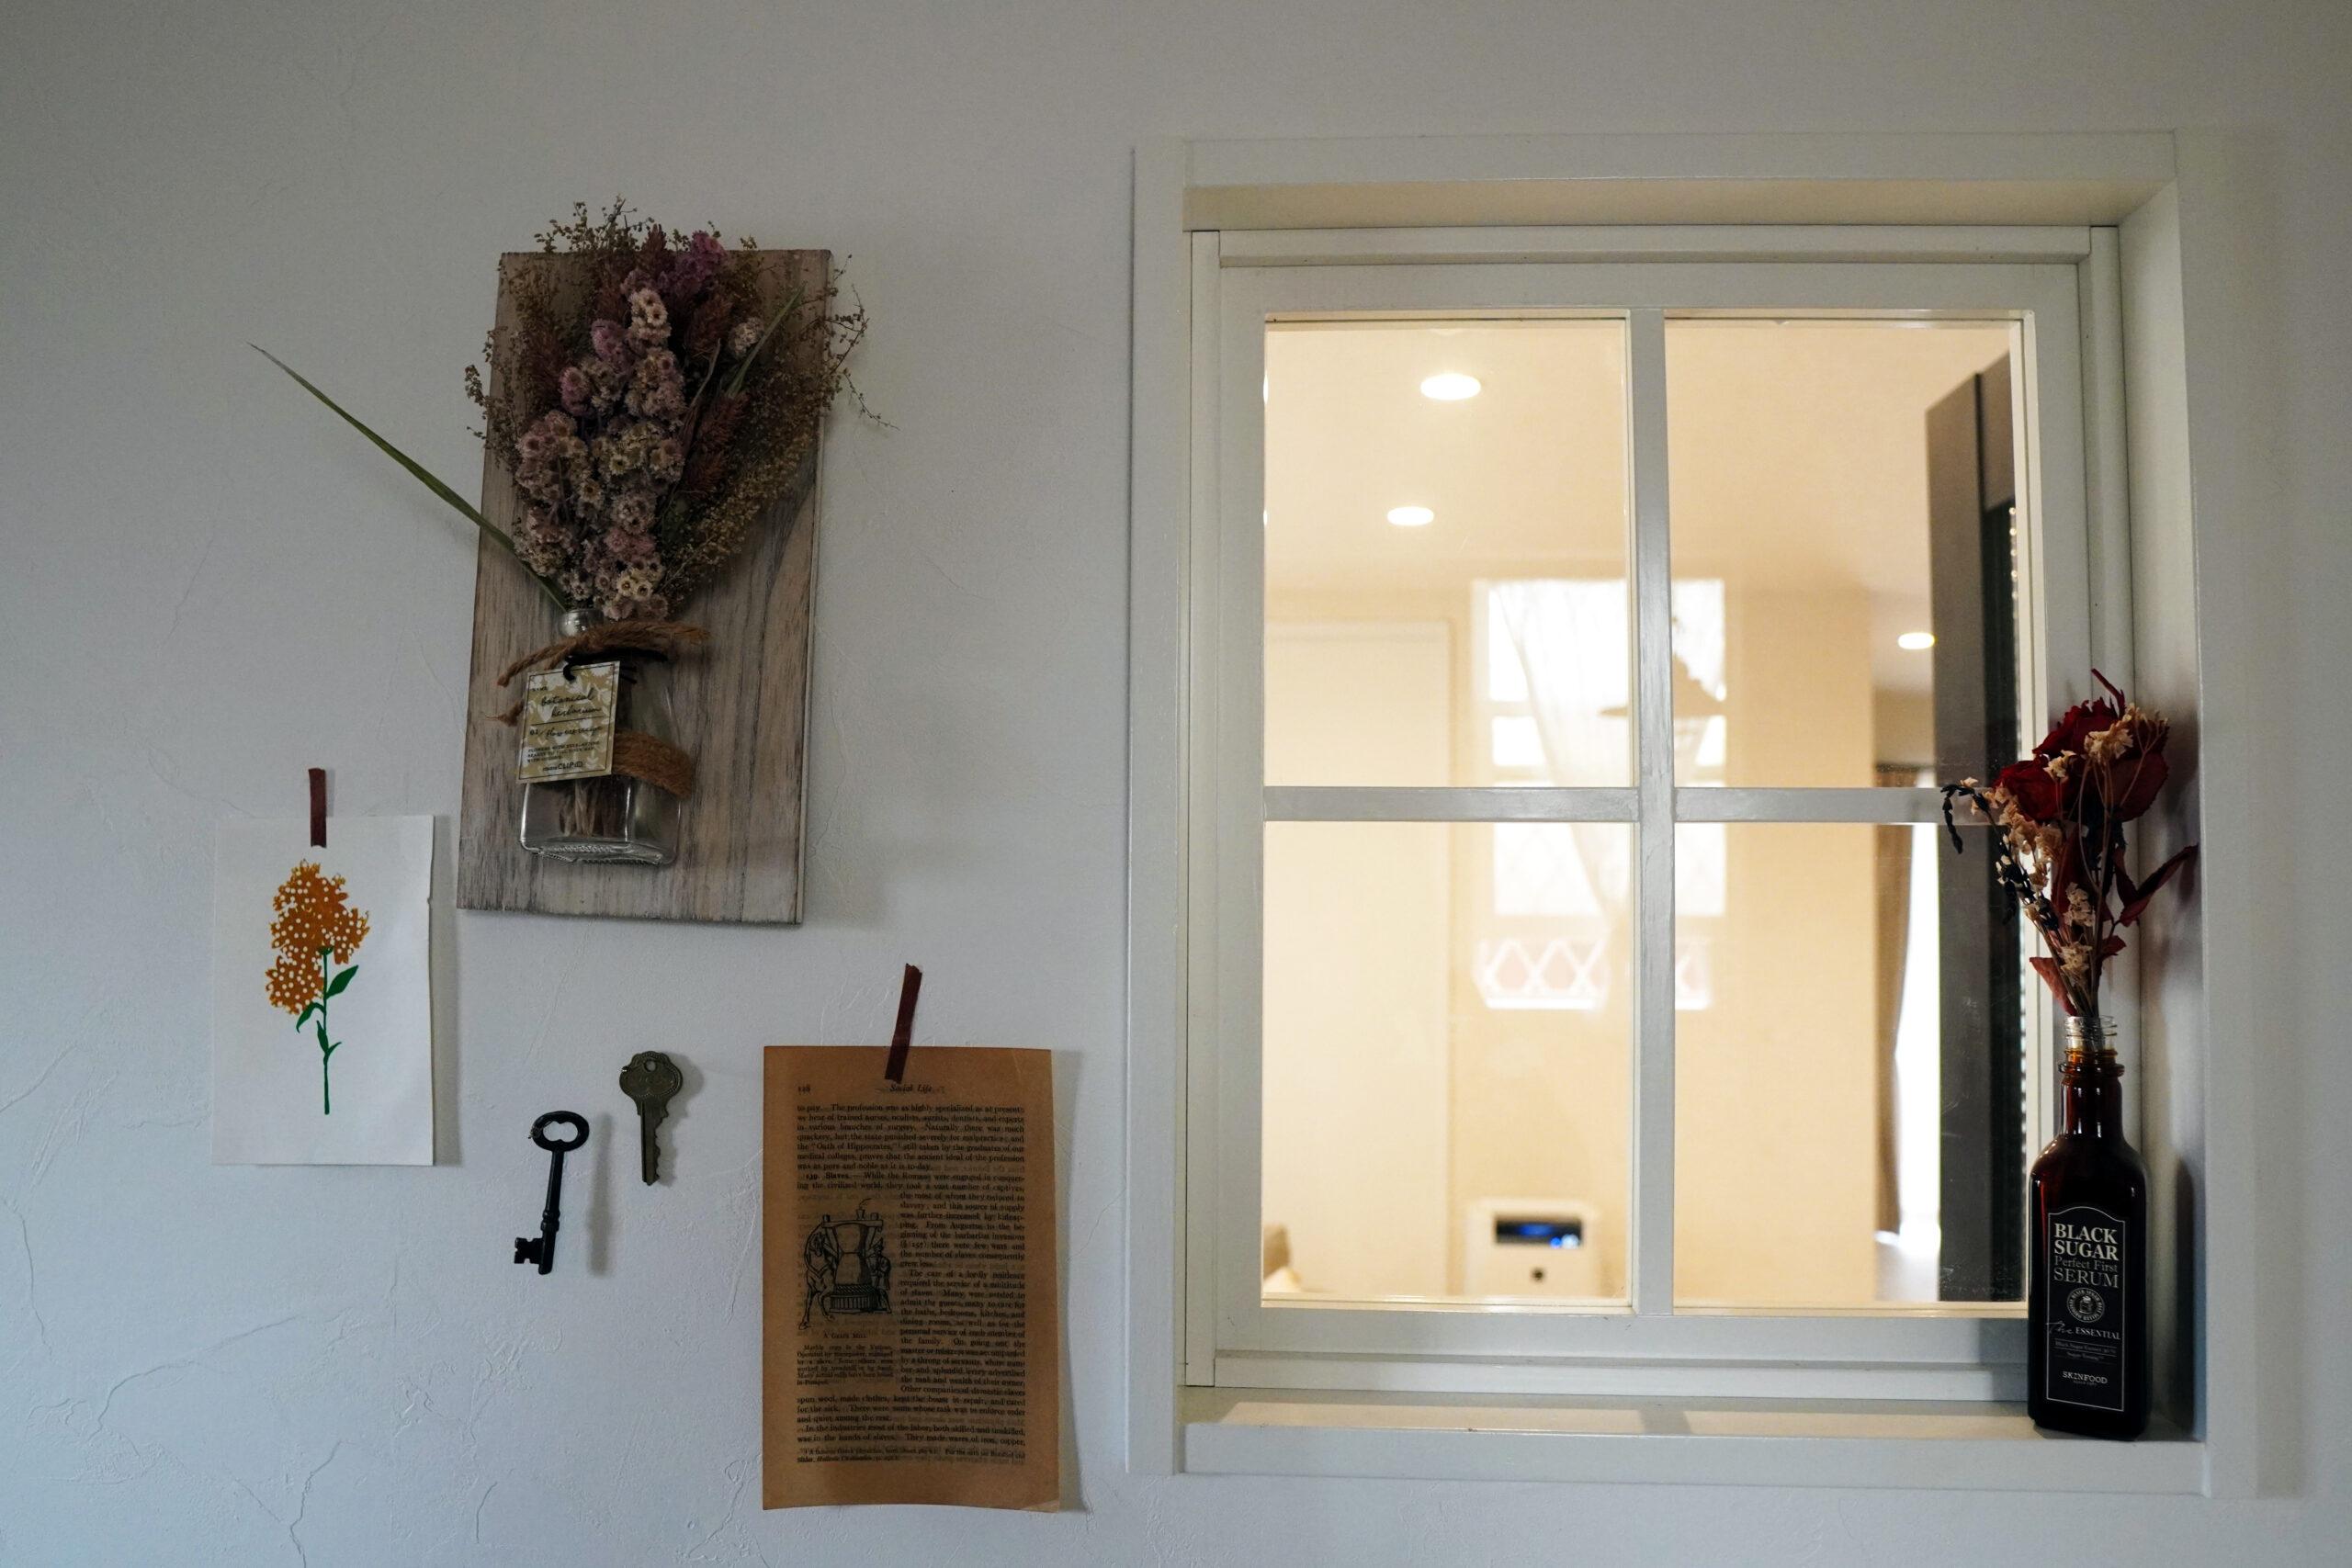 玄関を入ってすぐ左に室内窓が。開放感があり、リビングにいる家族を感じられるようになっている。